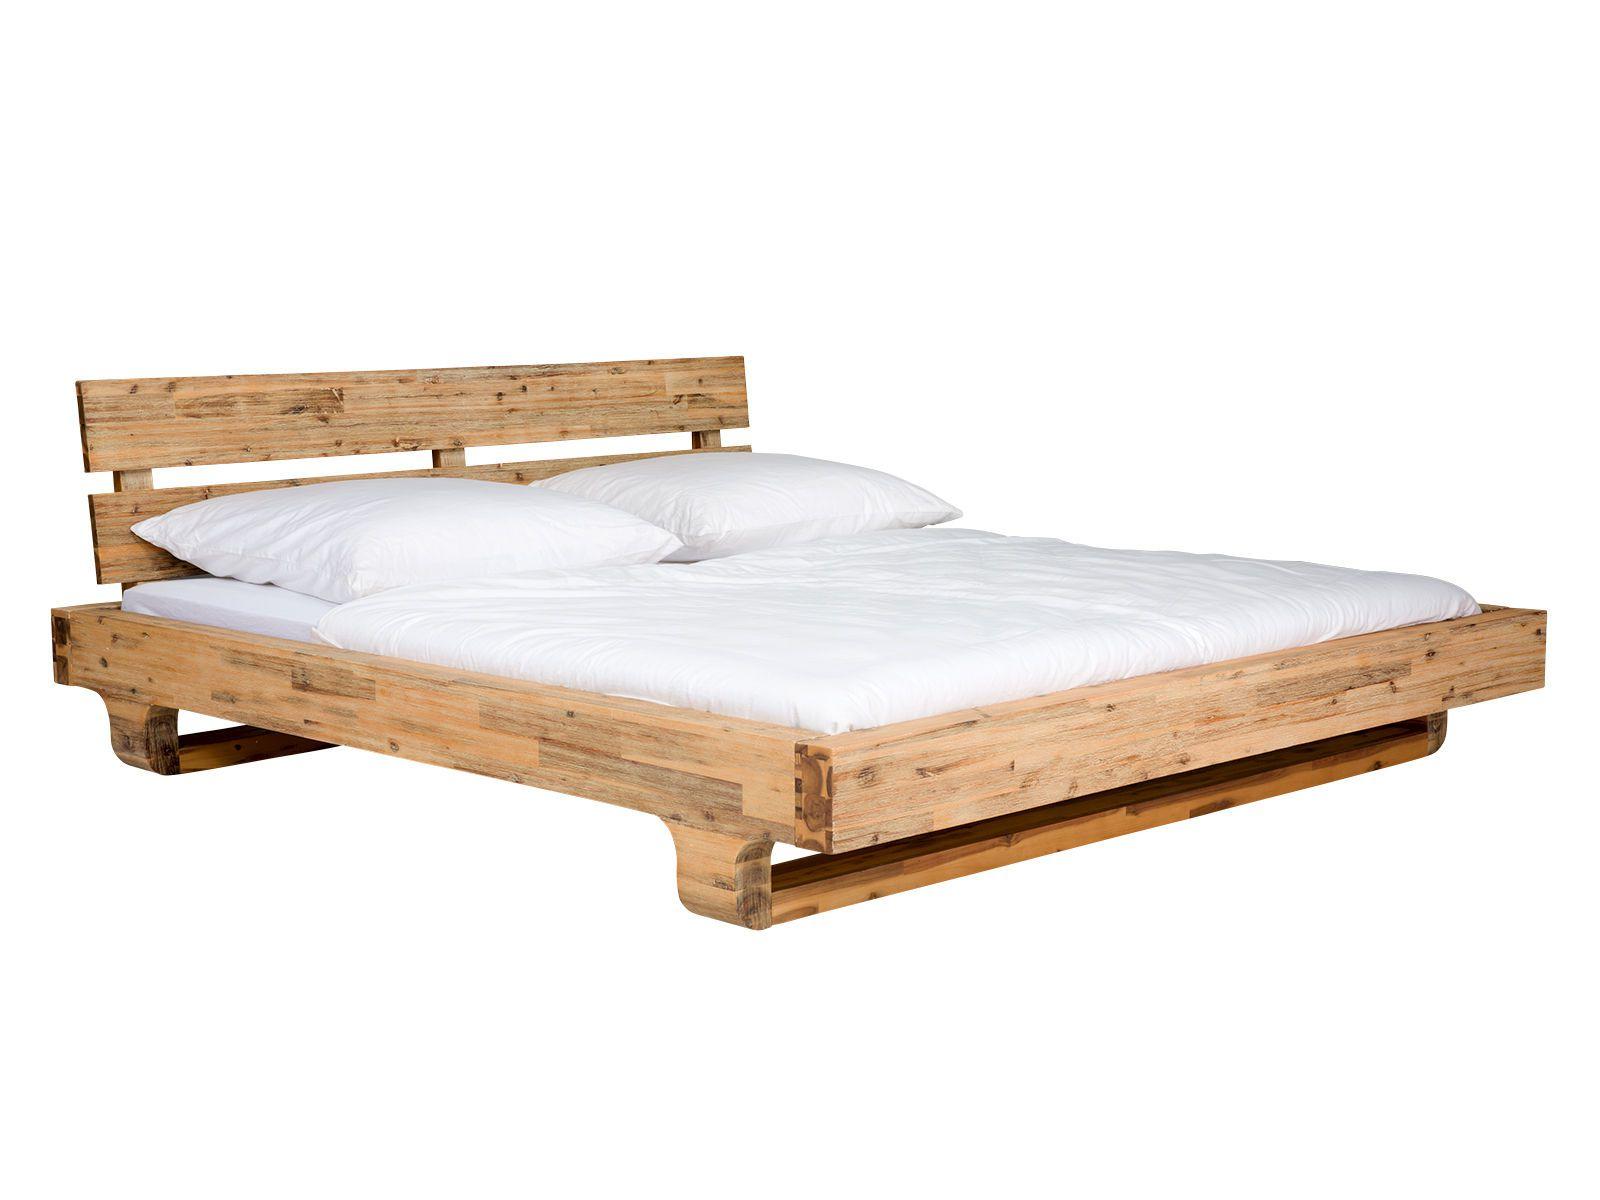 Full Size of Betten Aus Holz Alu Fenster Landhausstil Küche Loungemöbel Garten Einbaustrahler Bad Günstige 180x200 Schöne Landhaus Sofa Regal Massivholz Rauch 140x200 Bett Betten Aus Holz